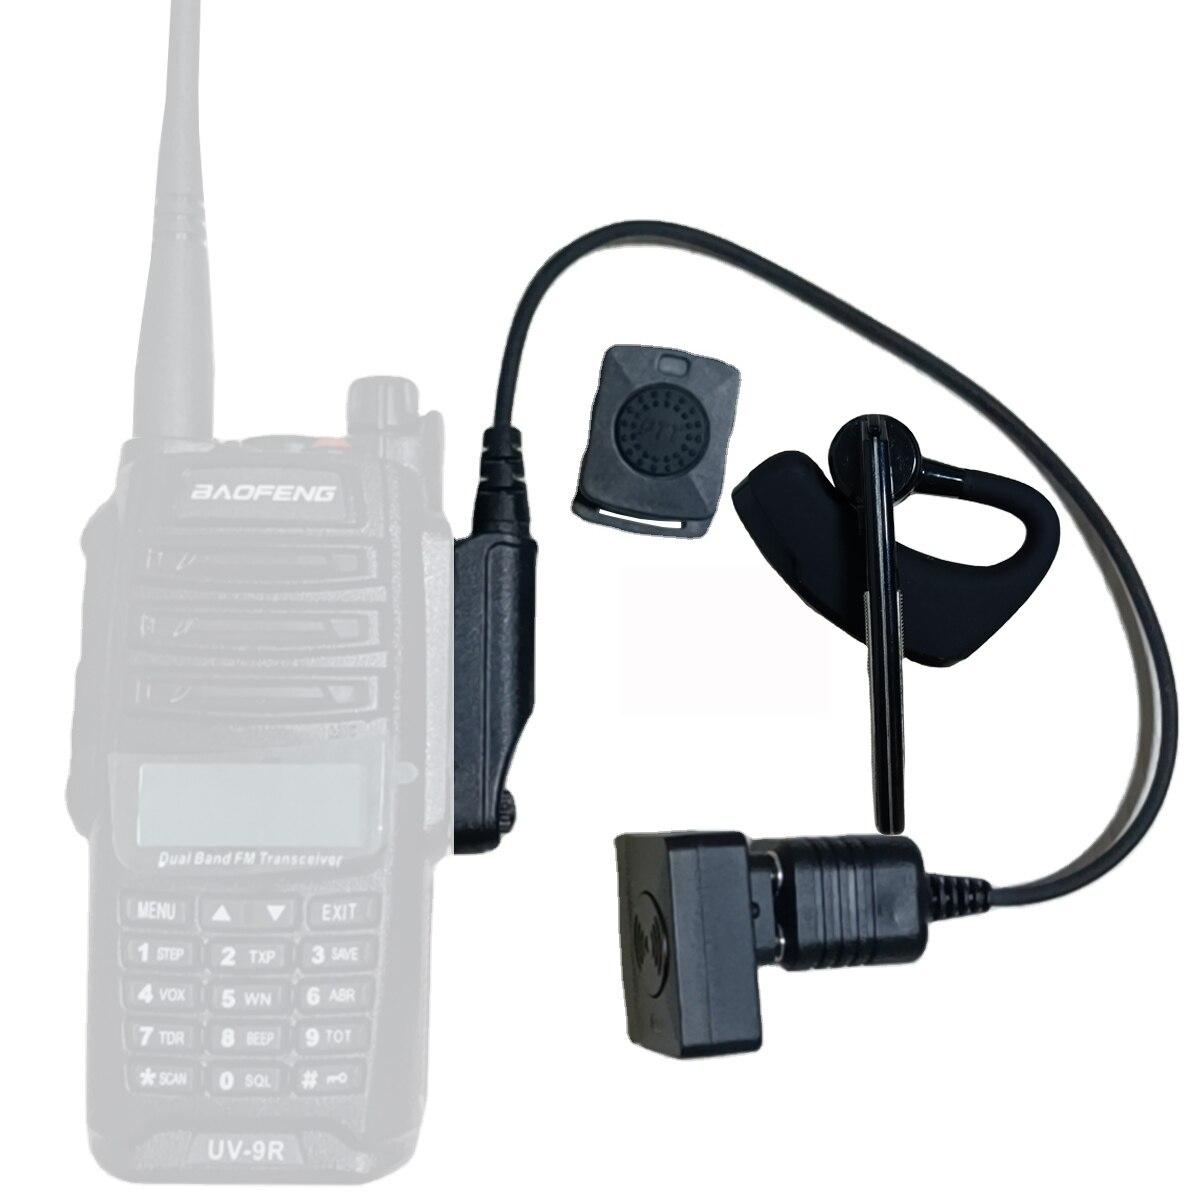 Walkie Talkie Wireless Headset  Walkie Talkie Bluetooth Headset  Headphone Earpiece For Baofeng UV-9R PLUS BF-9700 A58 UV-XR 5S